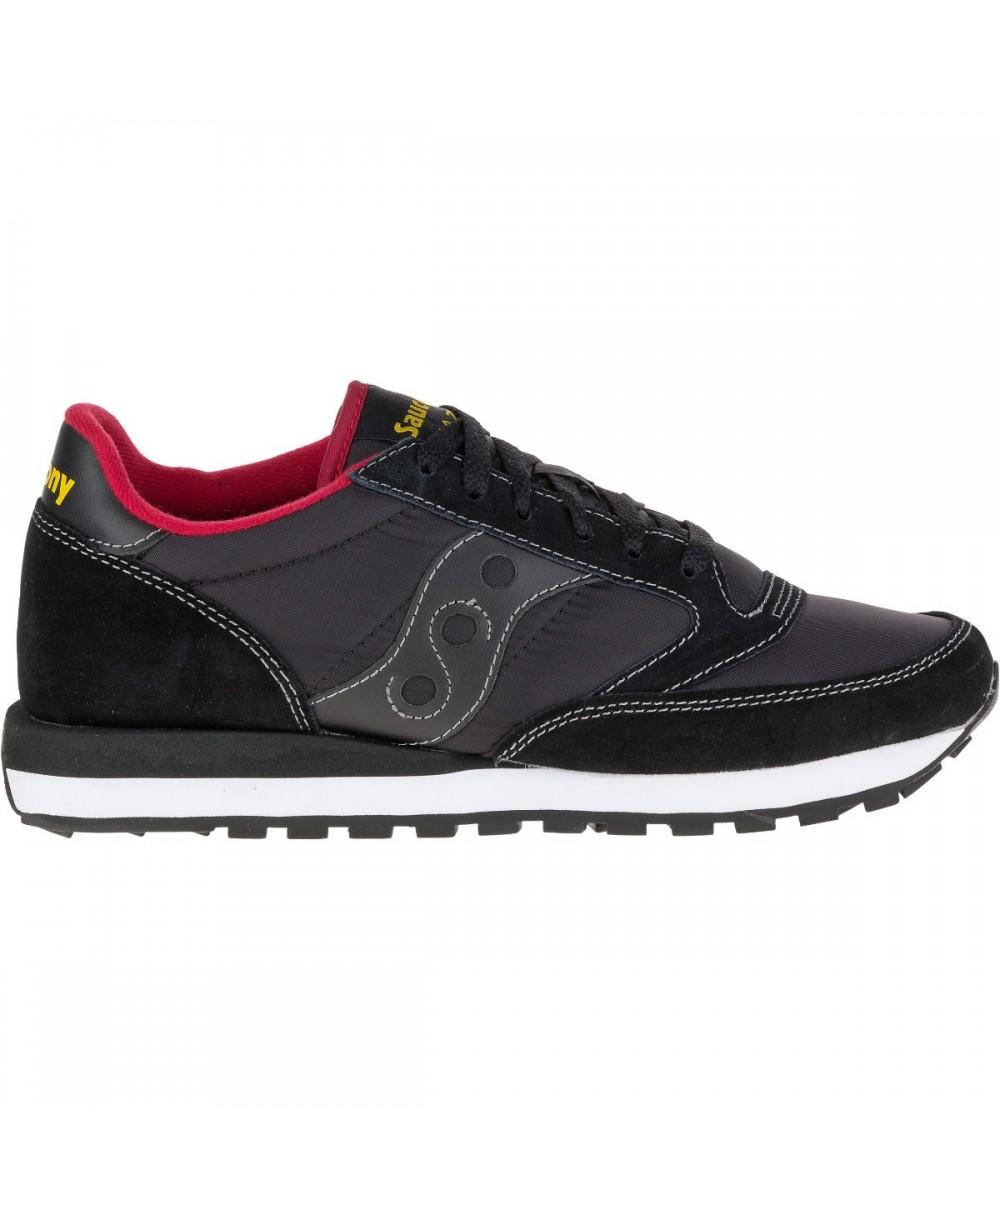 Original Sneakers Schuhe Blackred Herren Jazz PknwO80